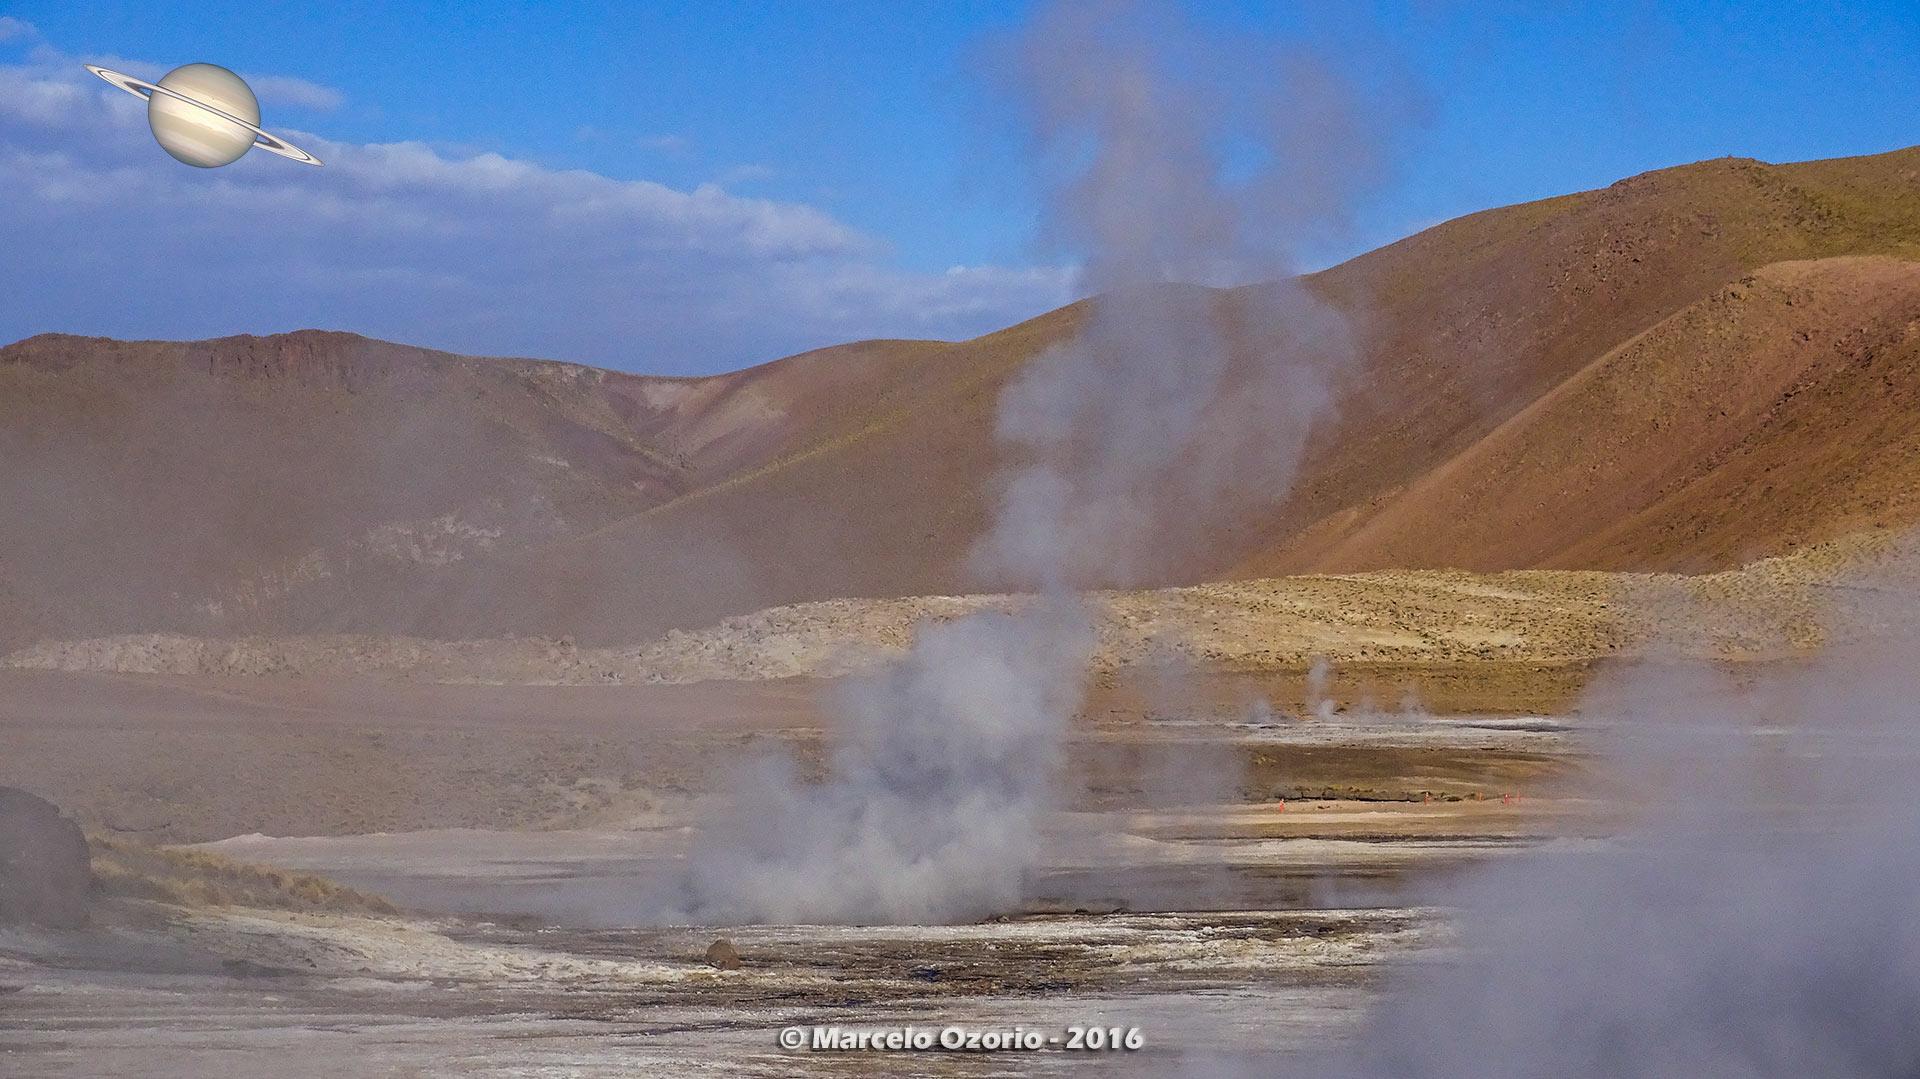 el tatio geysers atacama desert 24 - The Surreal El Tatio Geysers - Atacama Desert - Chile